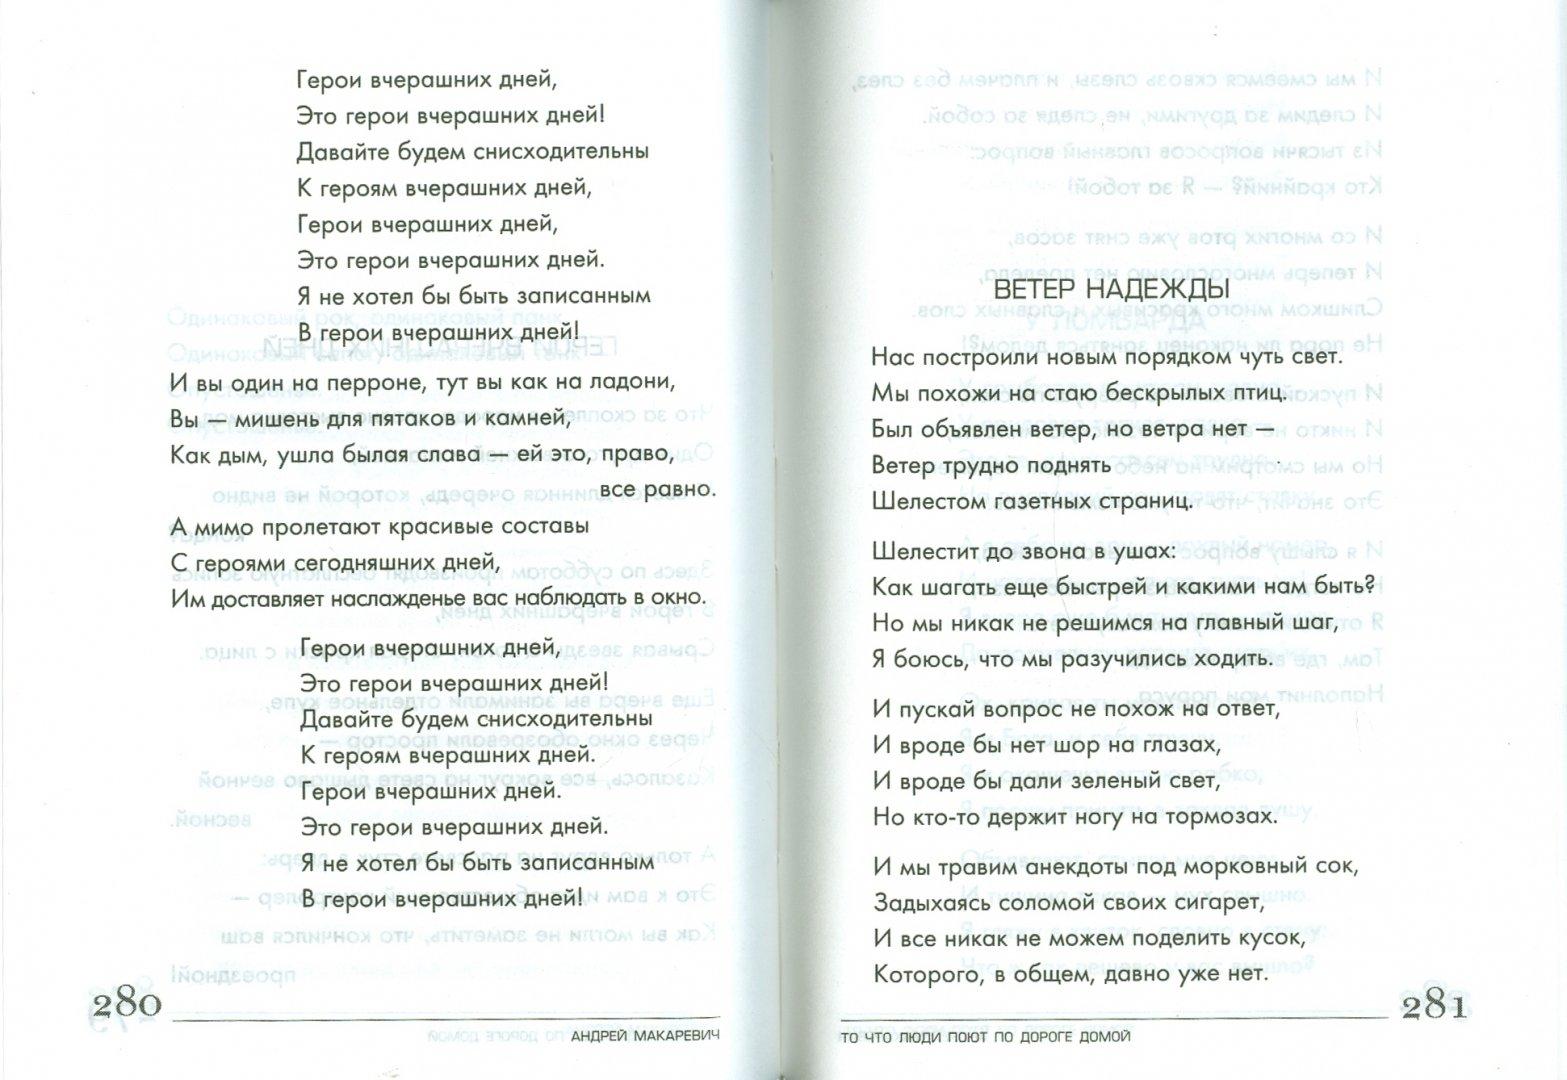 Иллюстрация 1 из 14 для То что люди поют по дороге домой - Андрей Макаревич | Лабиринт - книги. Источник: Лабиринт